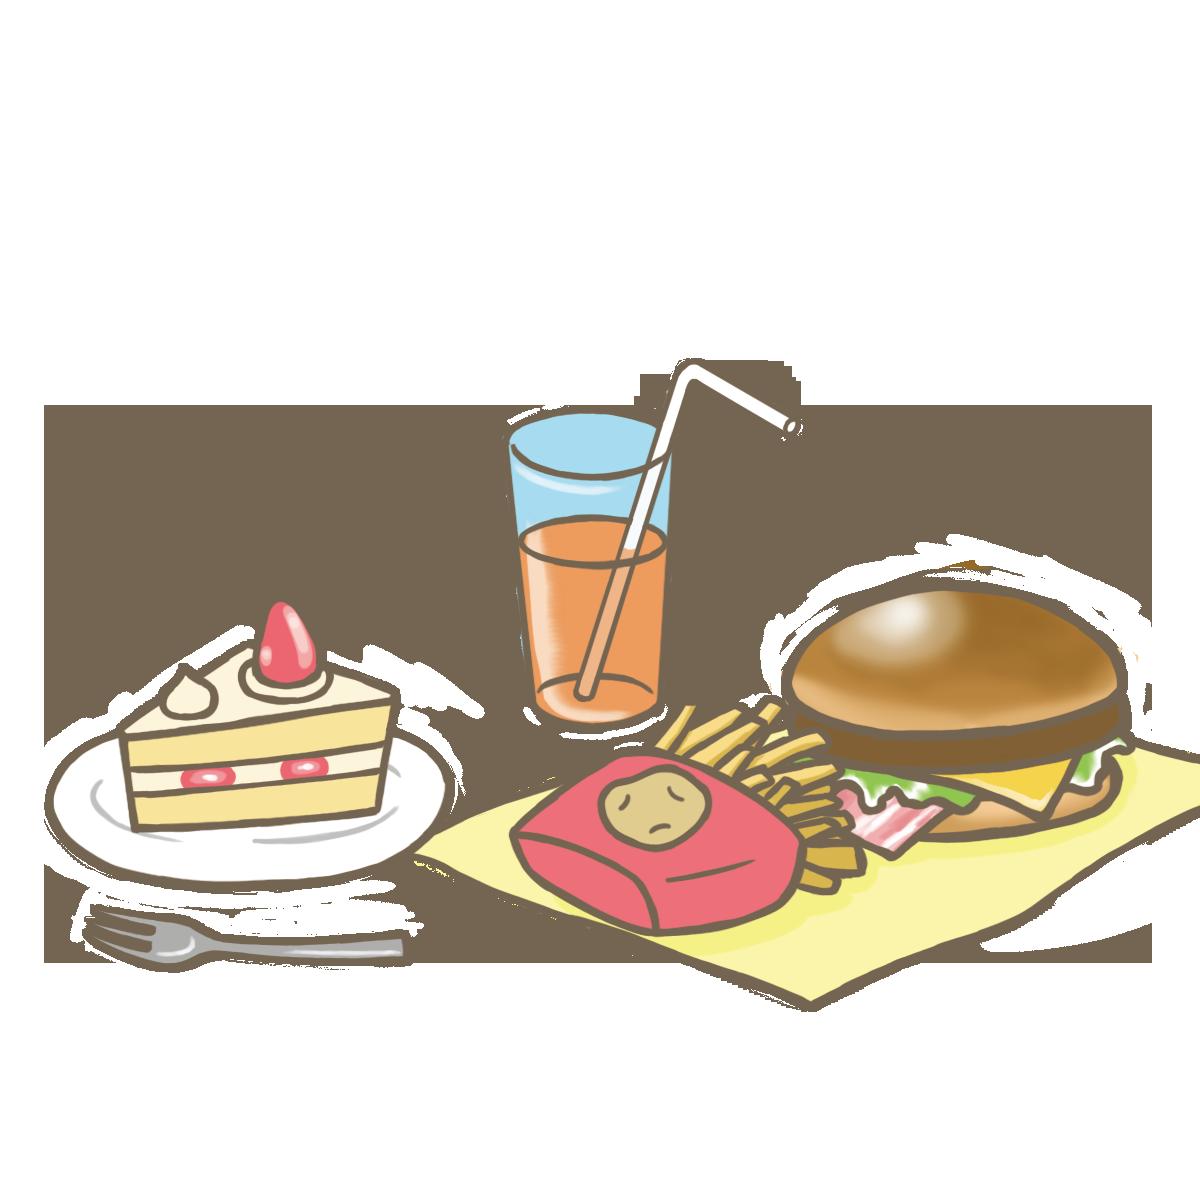 バランスの悪い食事のイラストフリー素材看護rooカンゴルー